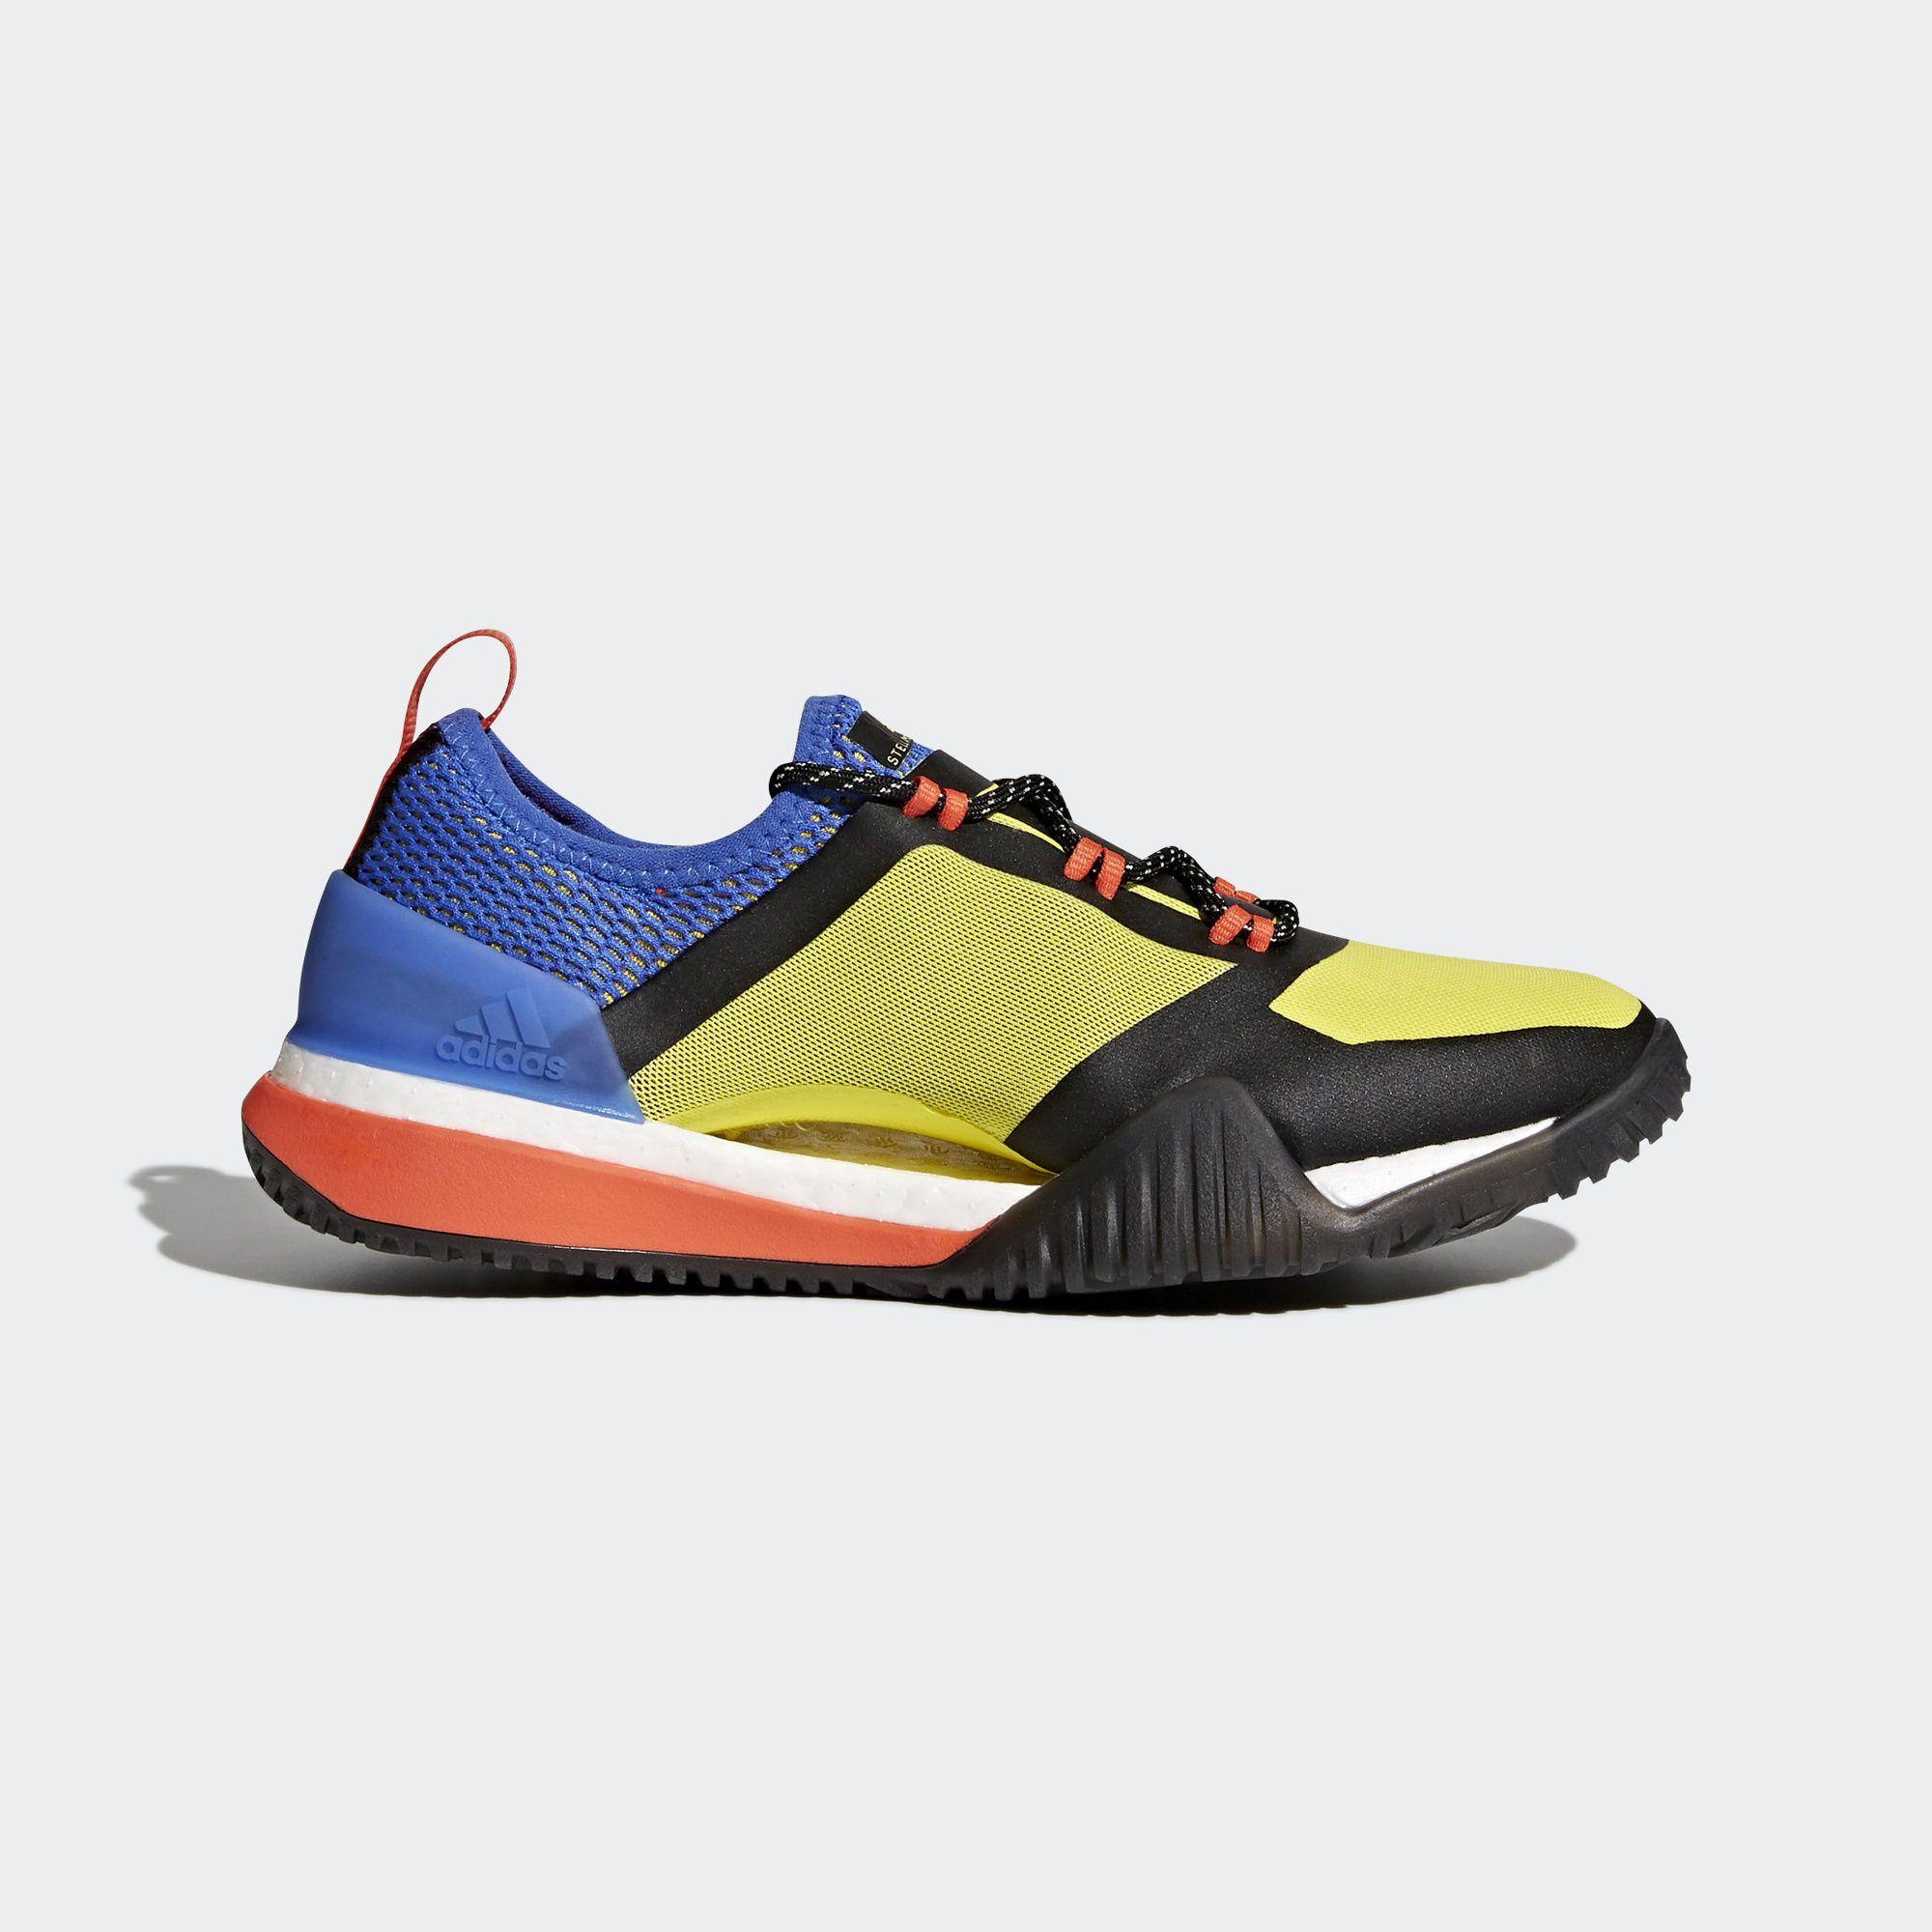 huge selection of 6c3e4 5ea50 Vind jouw Pureboost X TR 3.0 Schoenen - geel op adidas.nl! Bekijk alle